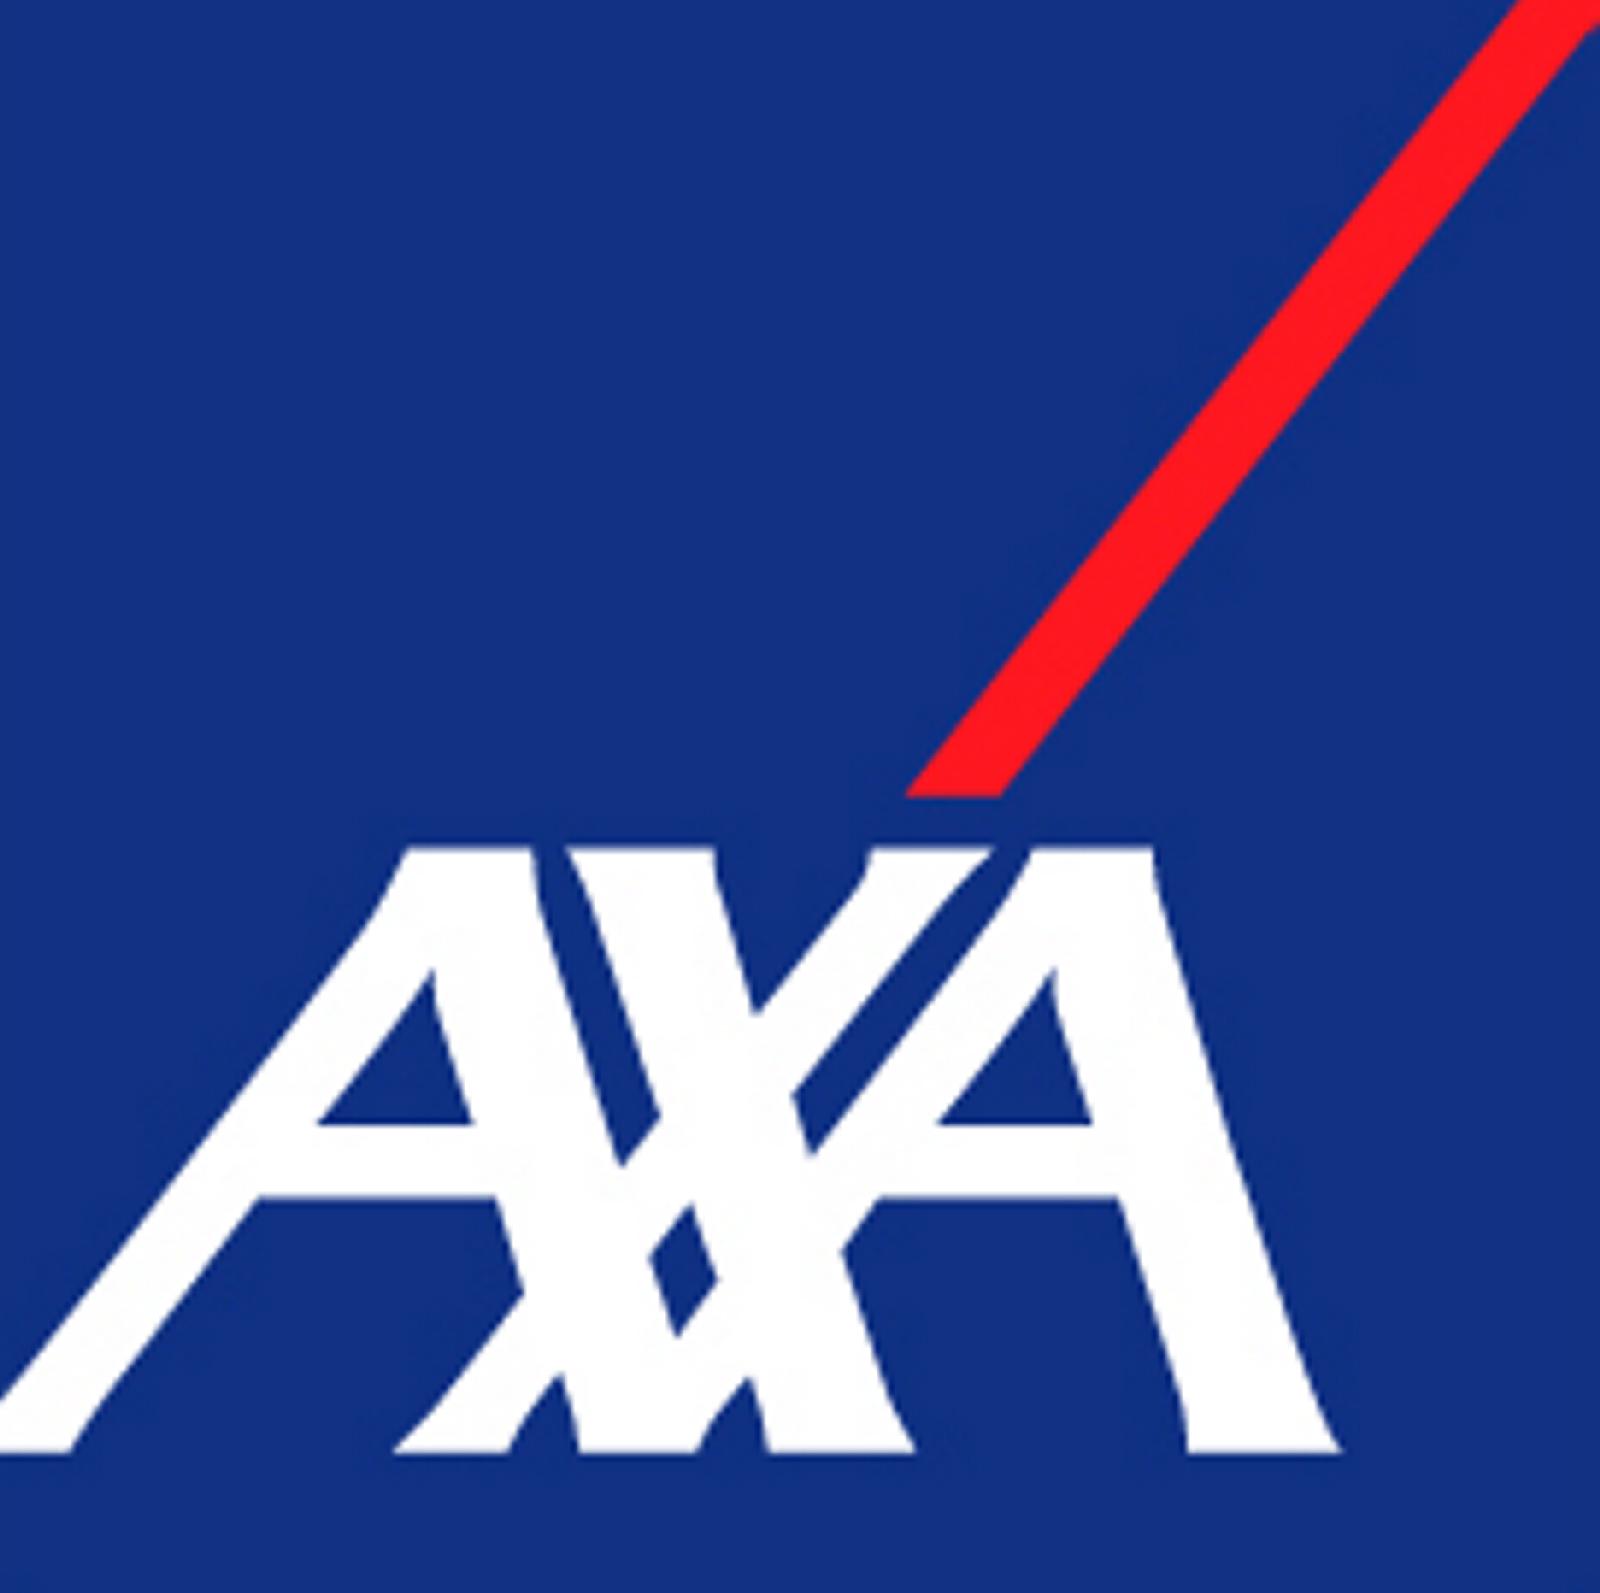 Axa rankia for Axa oficinas centrales madrid